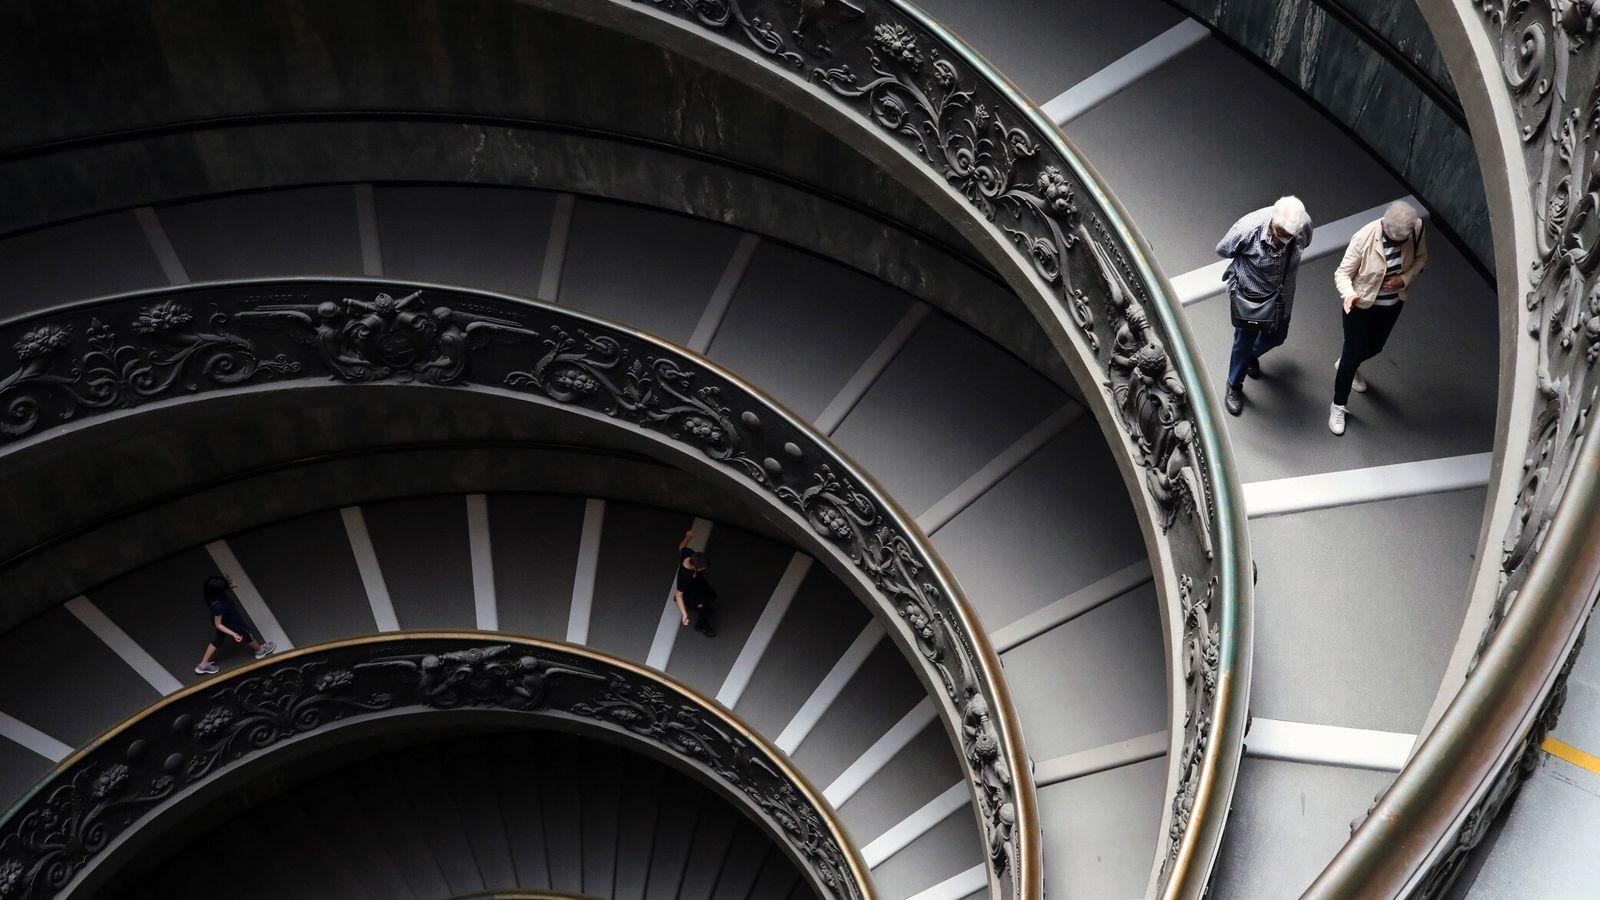 Le 8 juin 2020, des visiteurs empruntent l'escalier de Bramante aux Musées du Vatican en Italie. Avant la ...